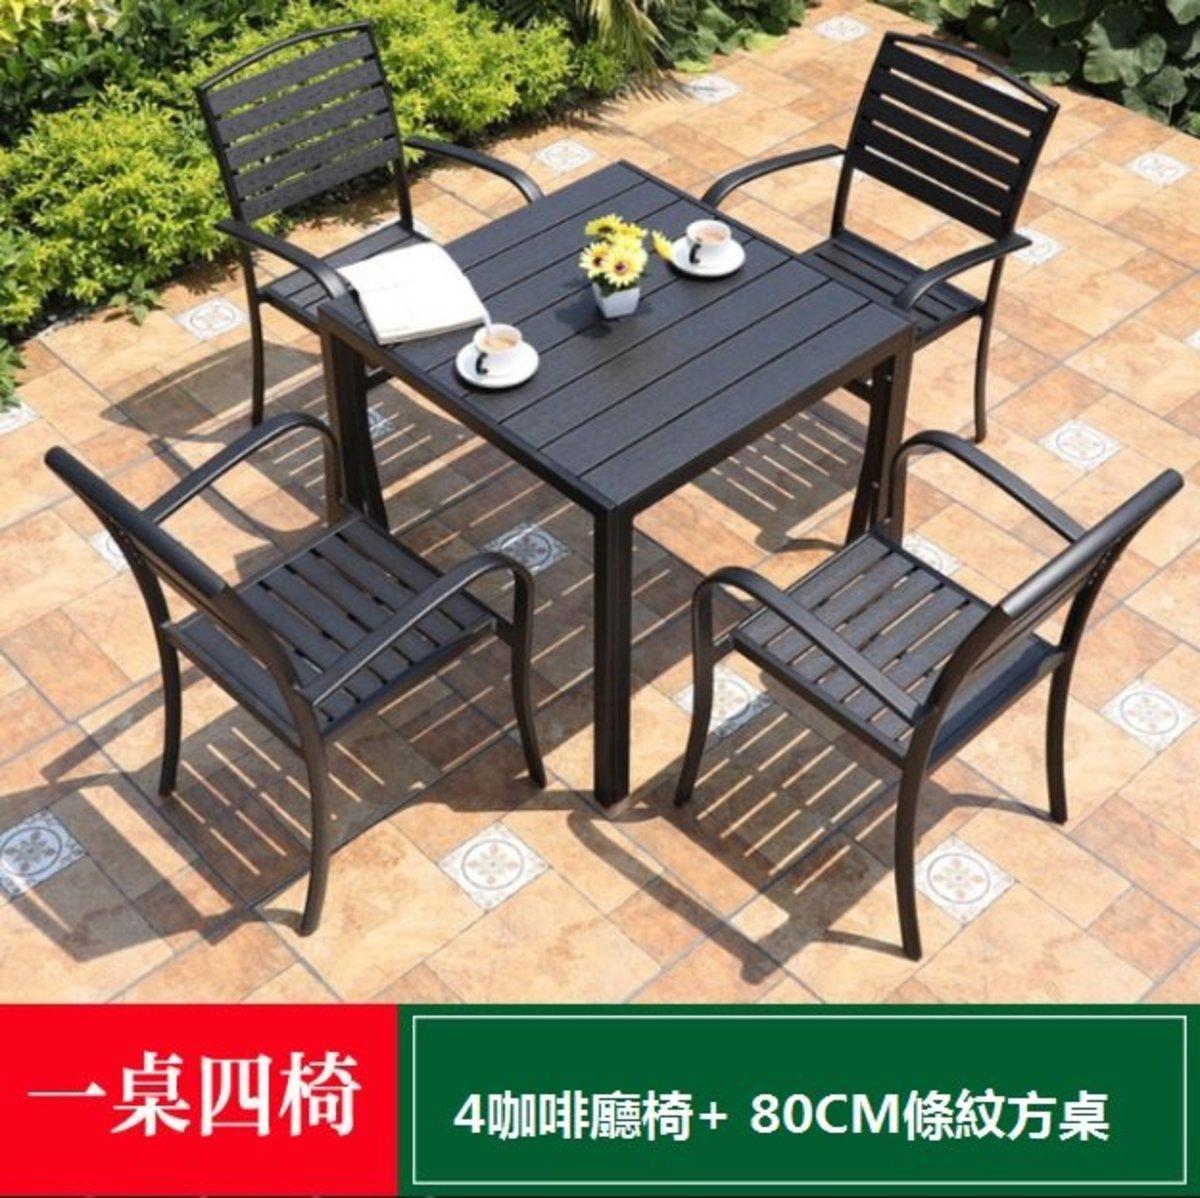 戶外塑木休閒桌椅(4咖啡廳椅+80CM條紋方桌)